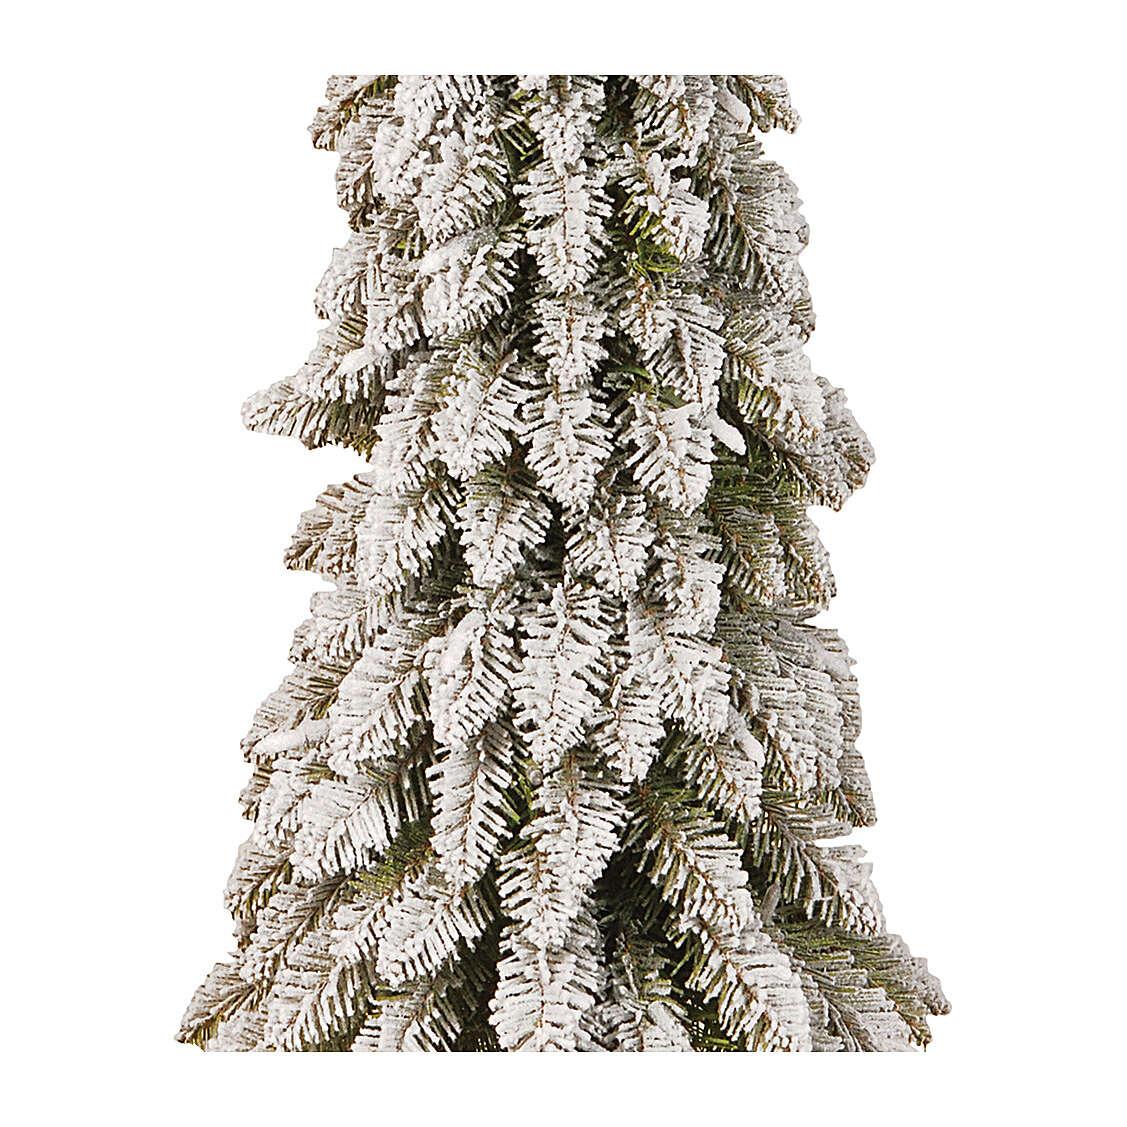 Albero di Natale 105 cm modello Downswept Forestree Flocked 3